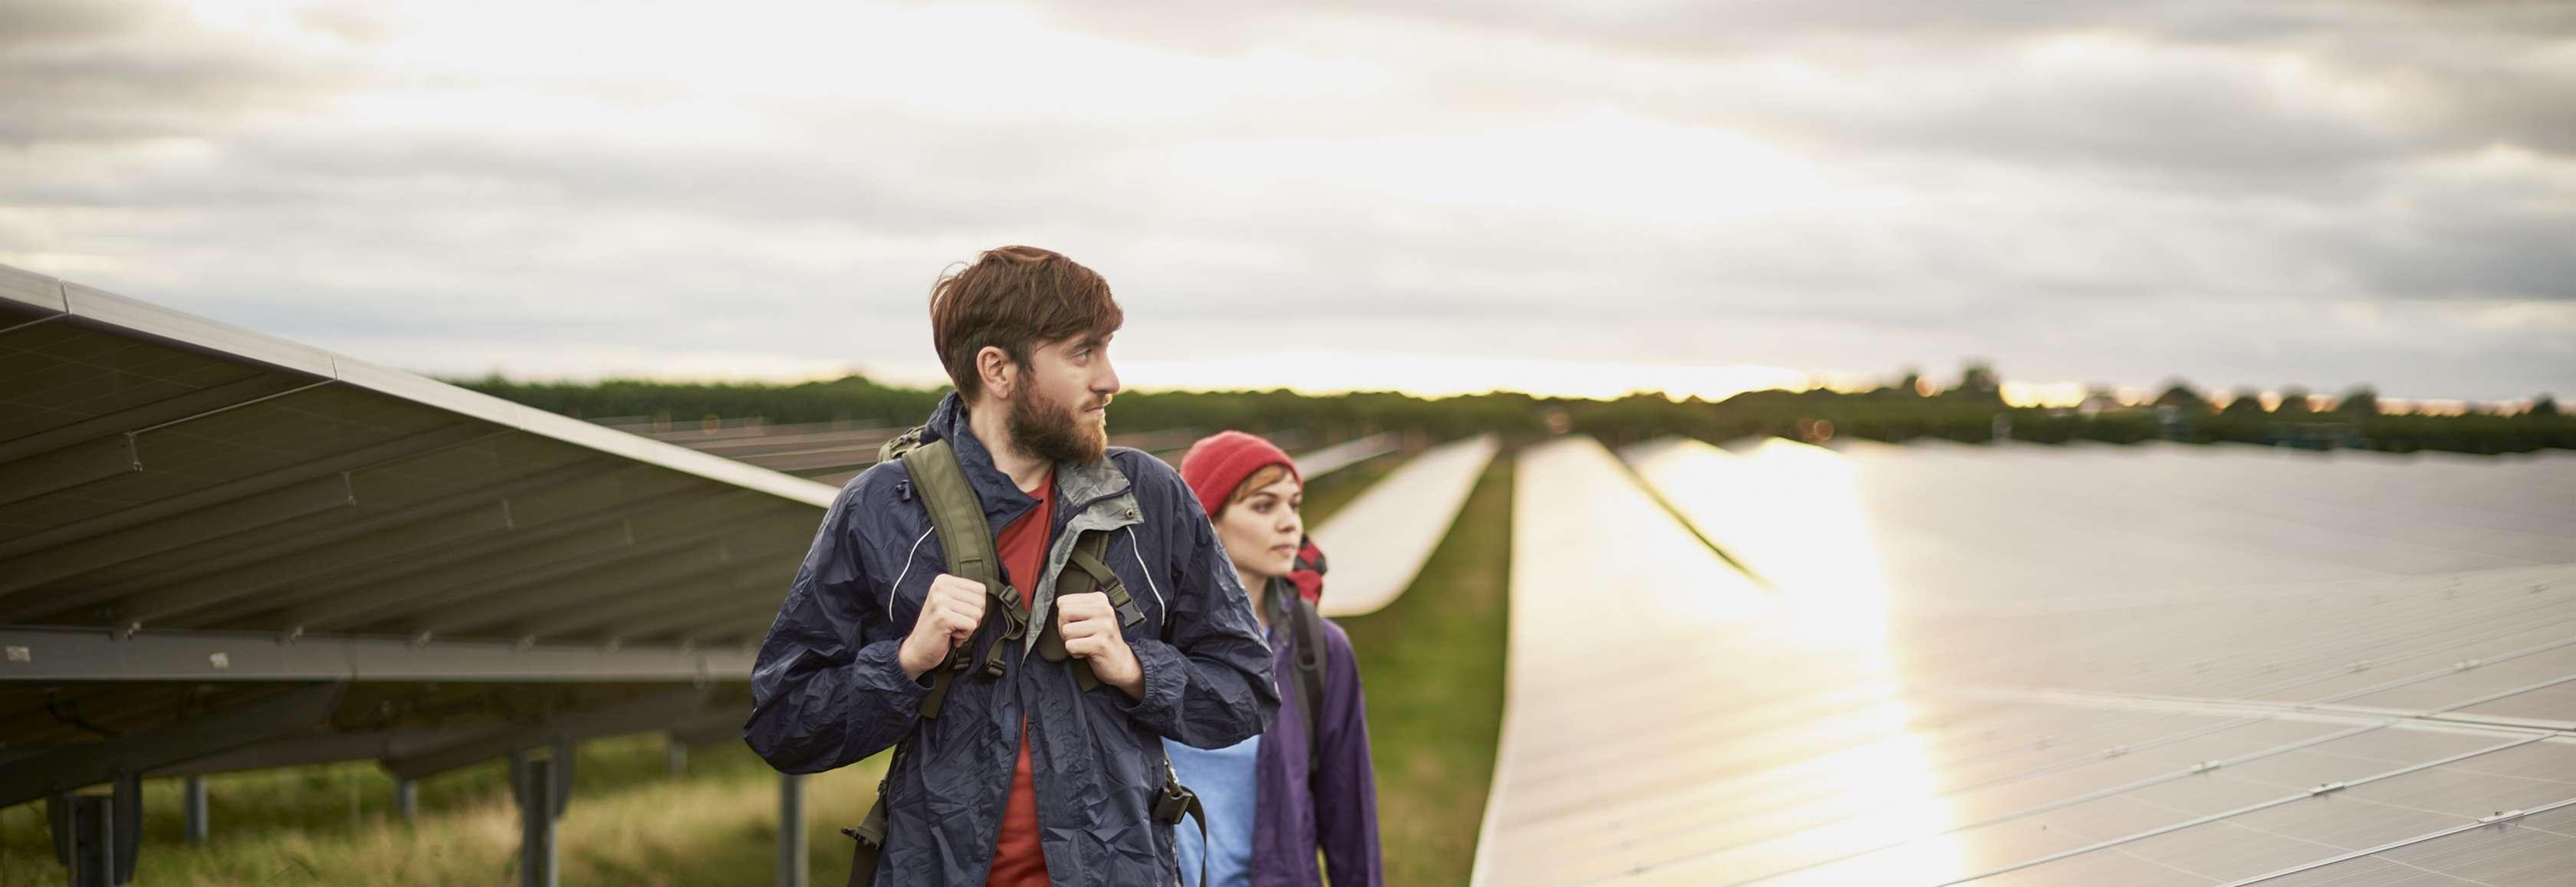 Ein junger Mann und eine junge Frau gehen auf einer Wiese mit Solarpanels entlang